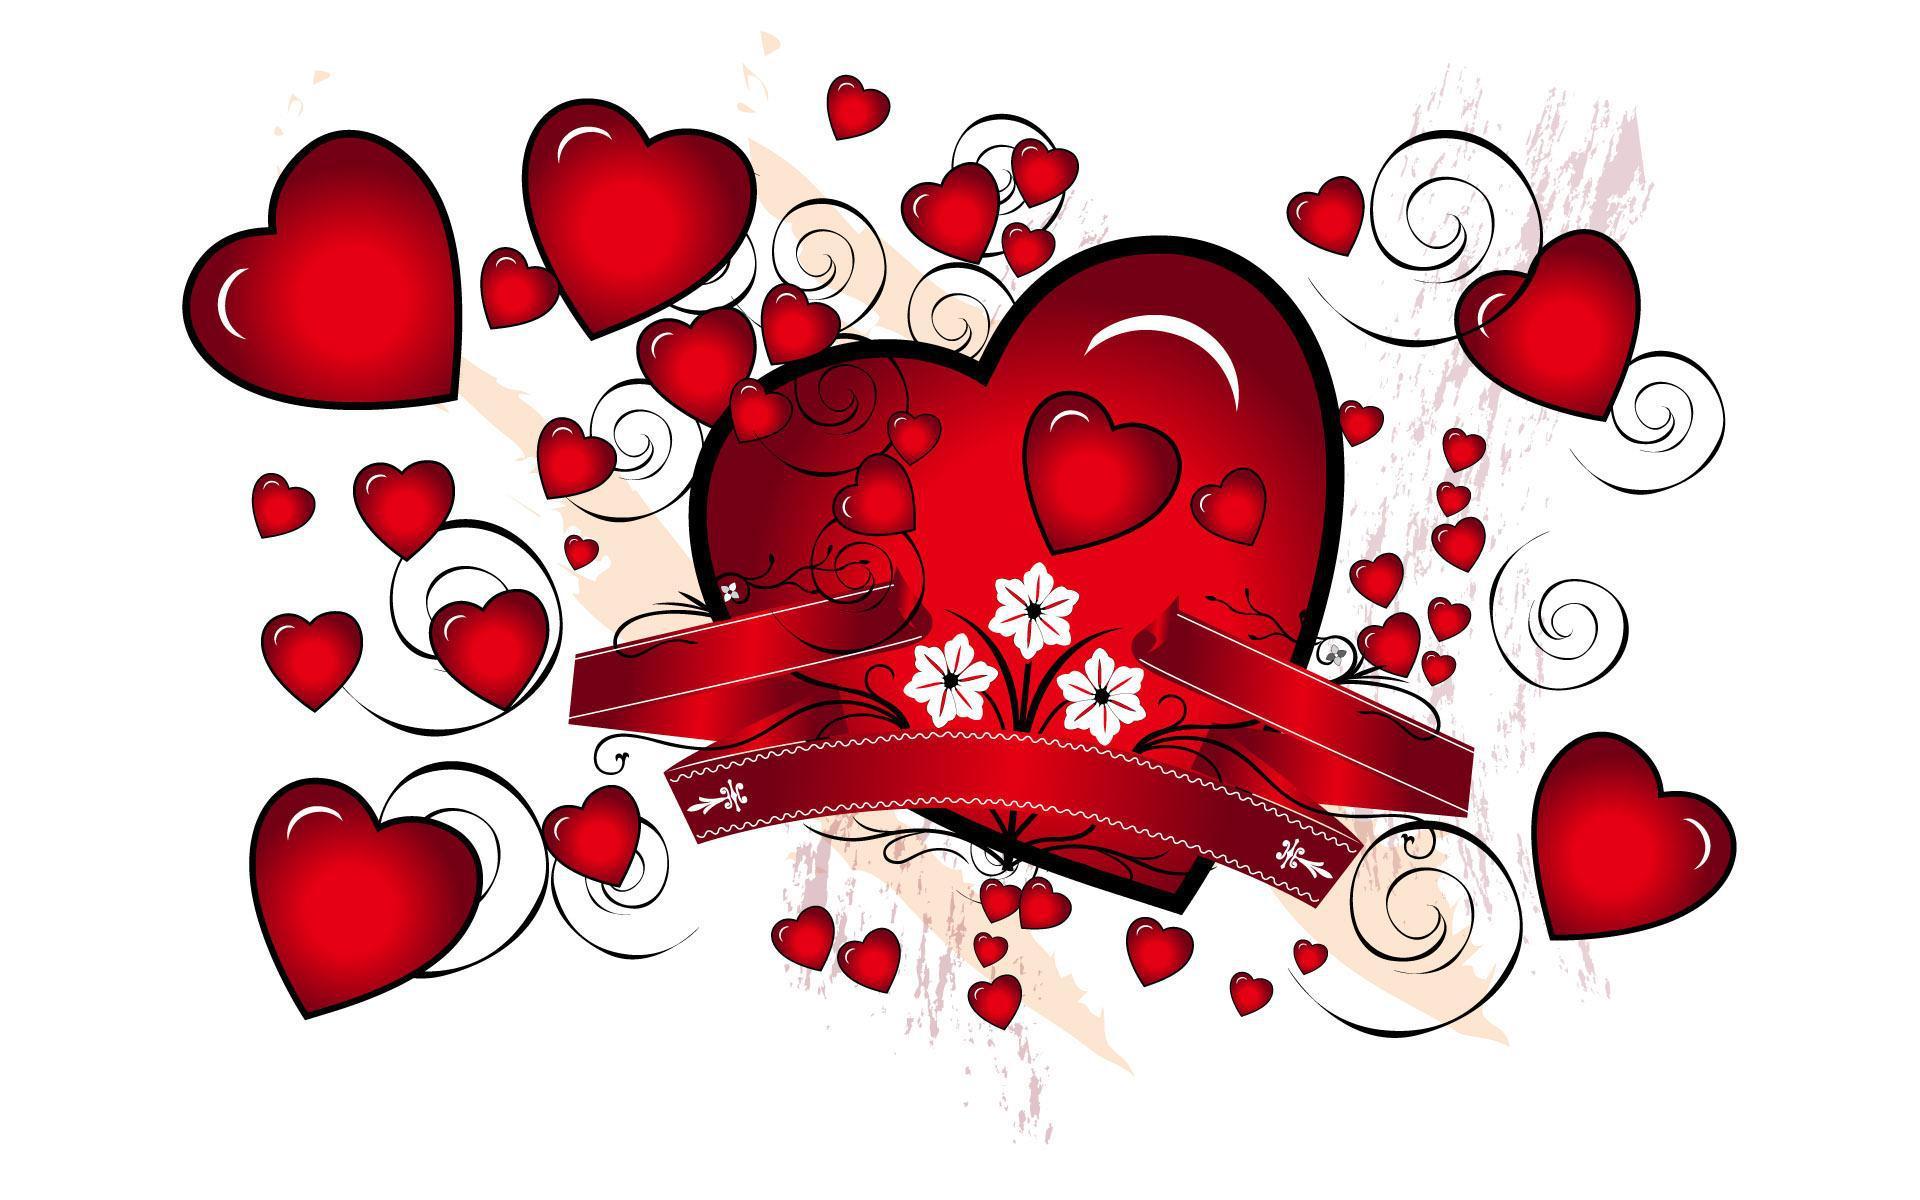 красивые картинки с надписью день святого валентина знаю что